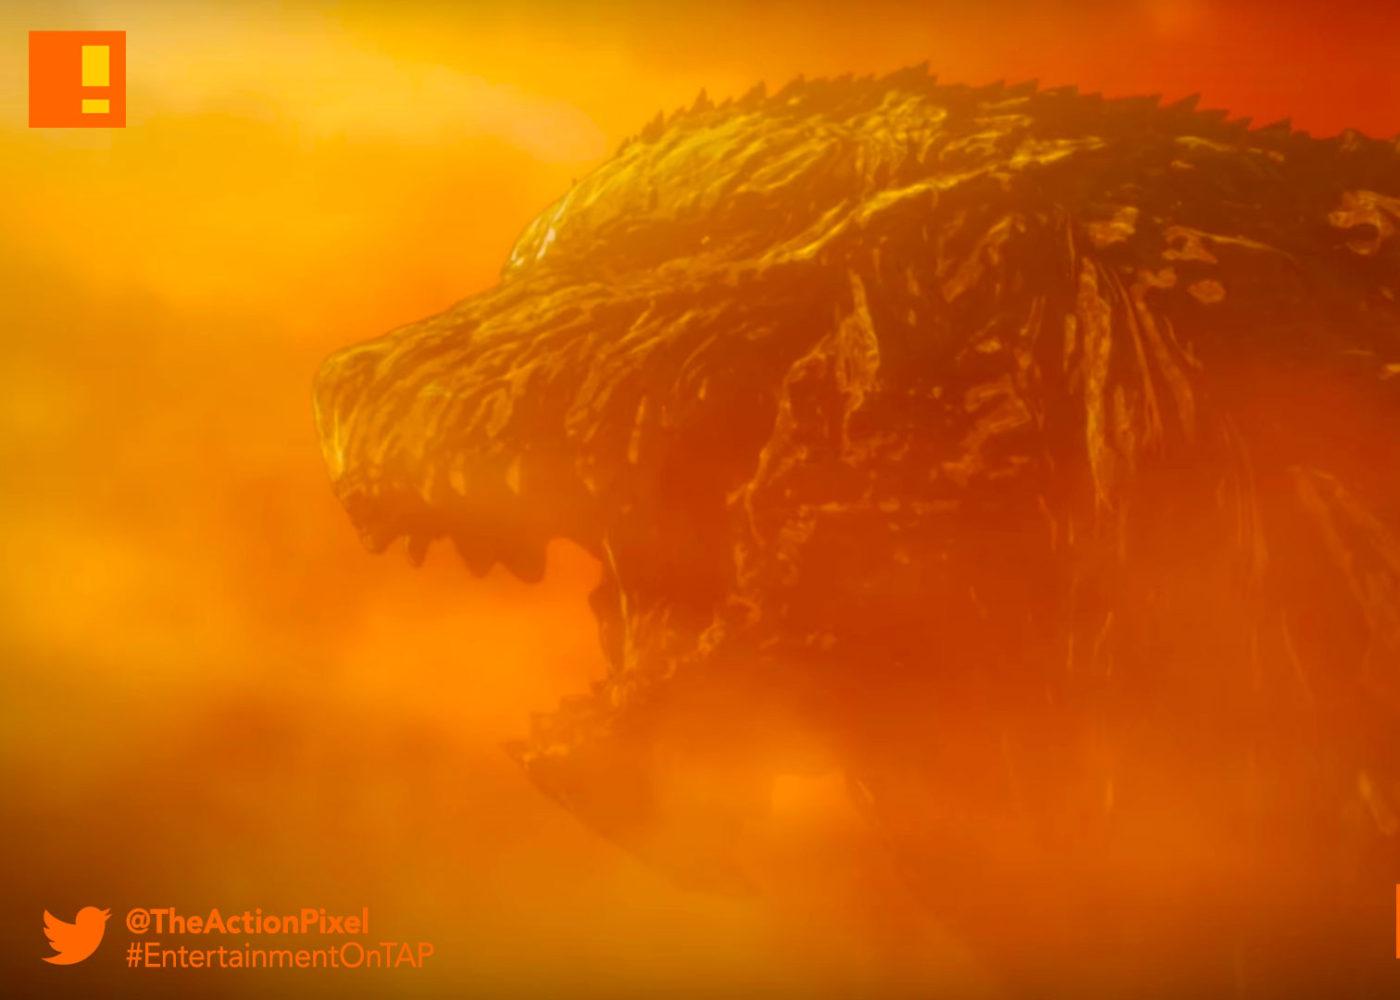 godzilla, entertainment on tap, godzilla: monster planet,godzilla, gozilla: monster planet, monster planet, anime, the action pixel,entertainment on tap, planet of the monsters, godzilla: planet of the monsters,